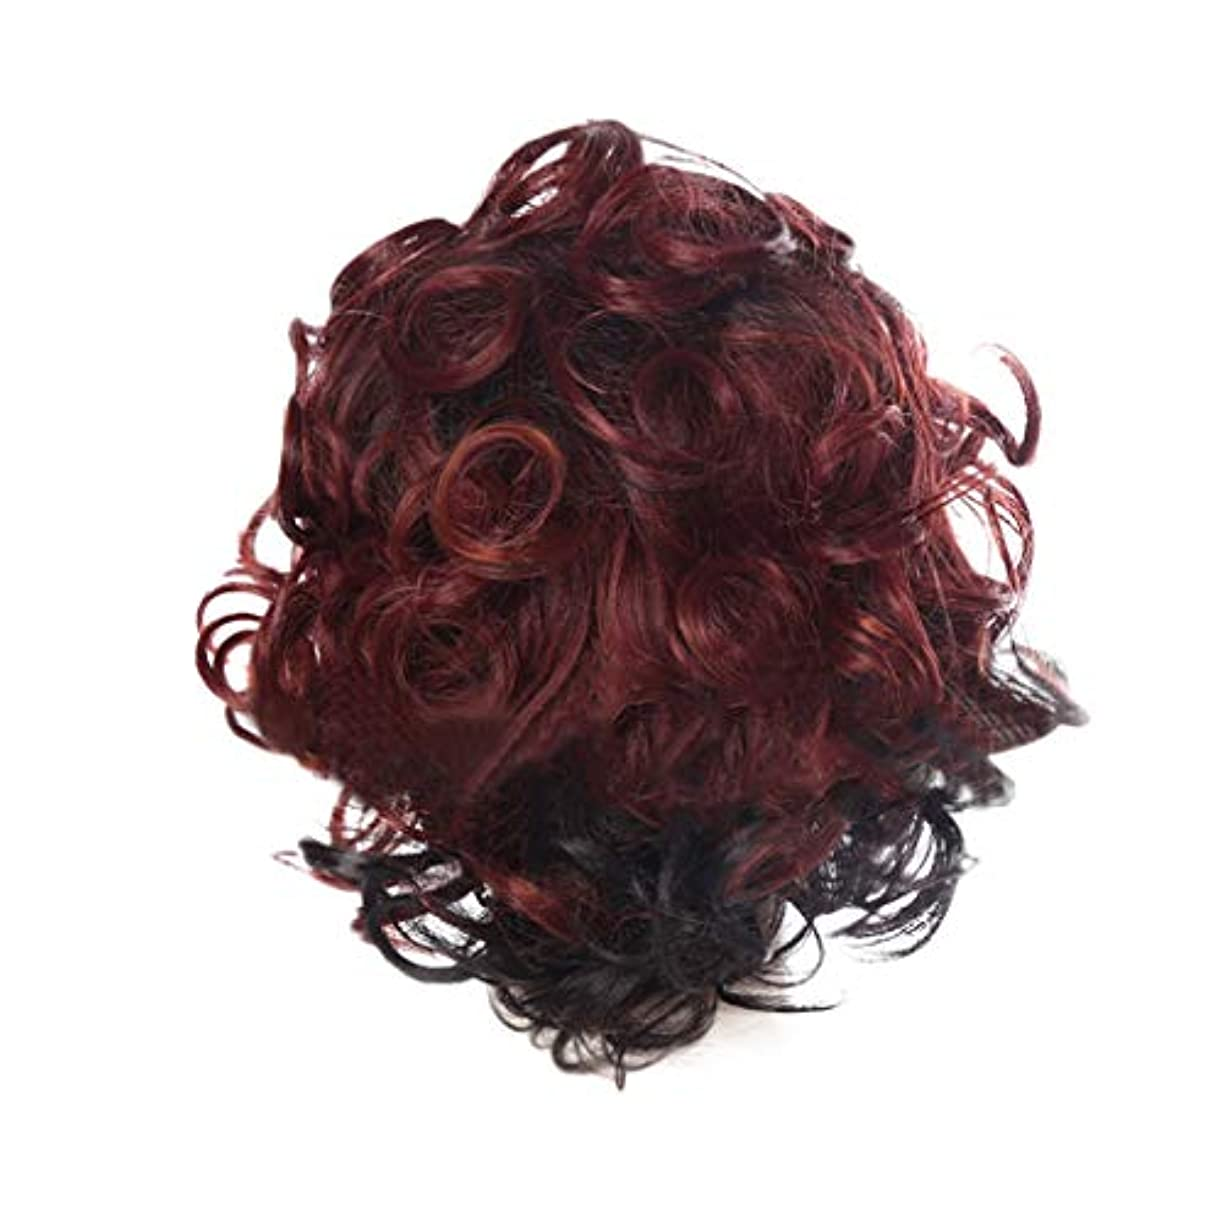 煙教育する愛撫女性の赤い短い巻き毛の人格爆発ヘッドかつら35 cmをかつら